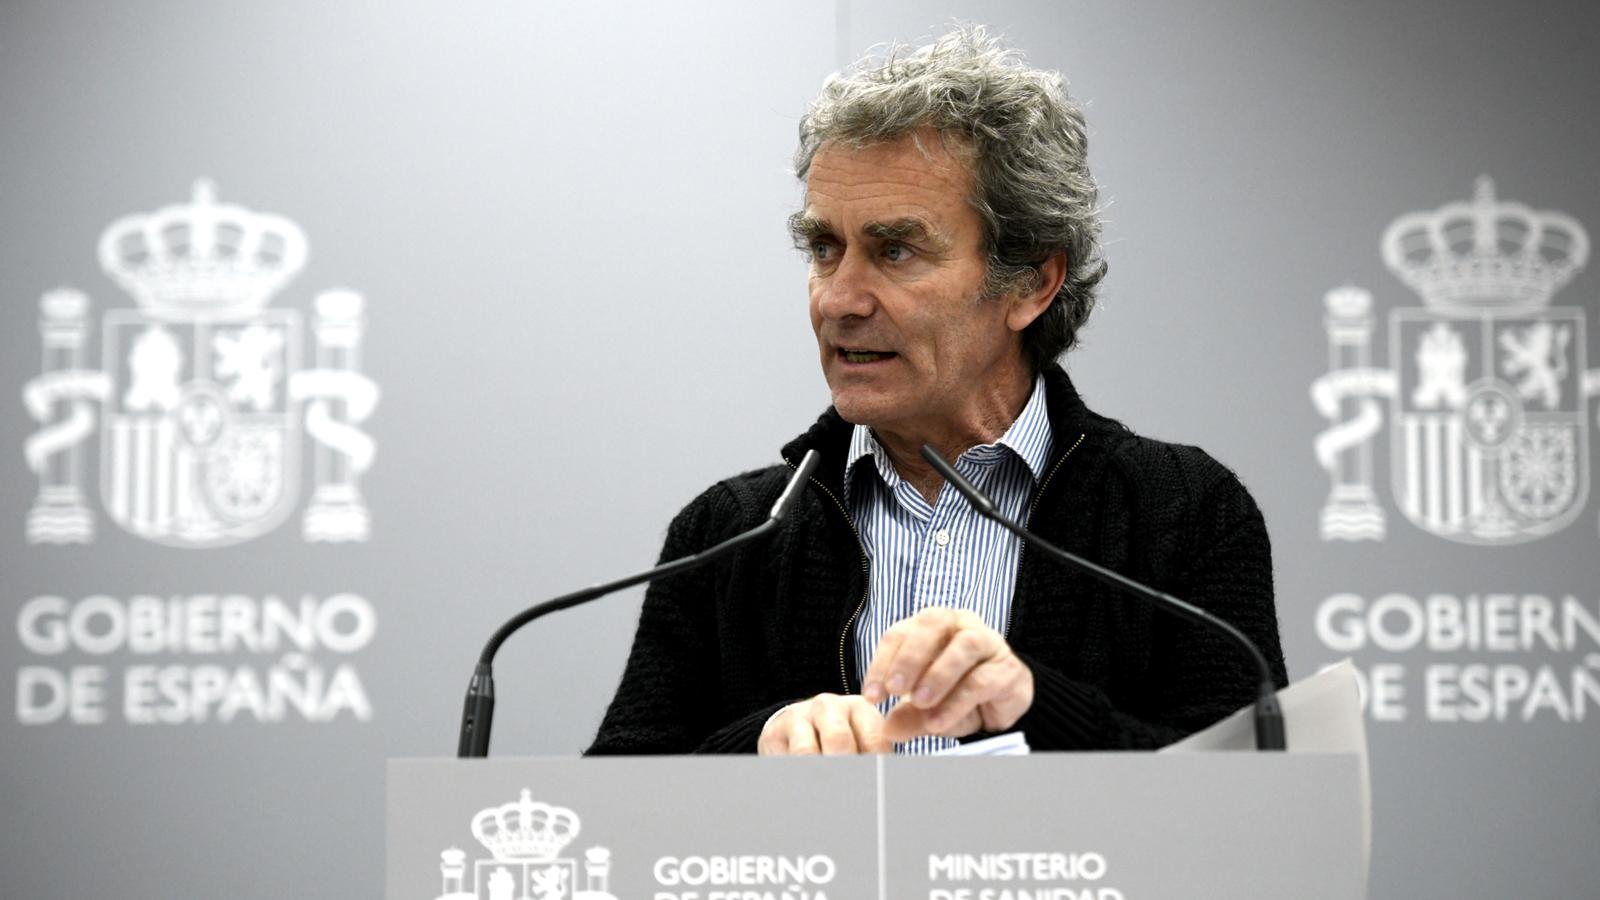 Roda de premsa del director del CCAES del ministeri de Sanitat, Fernando Simón